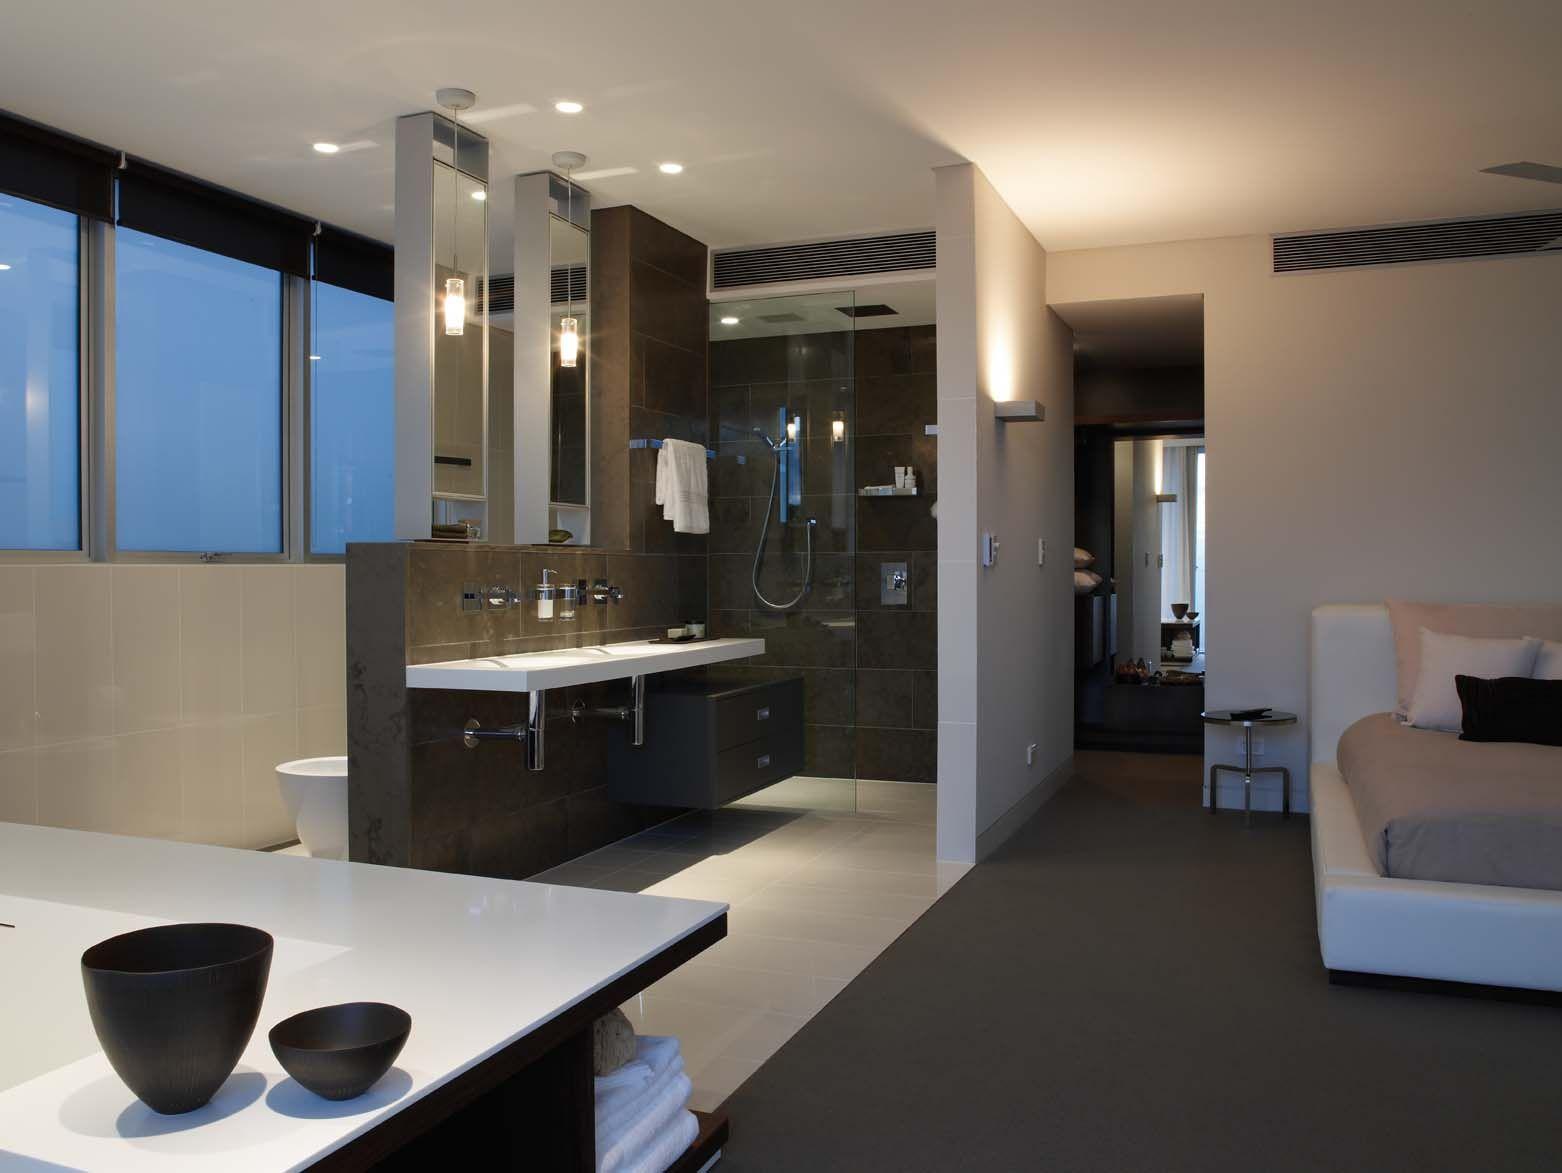 Sensory Interior Delight By Minosa Open Plan Bathrooms Open Bathroom Master Bedrooms Decor